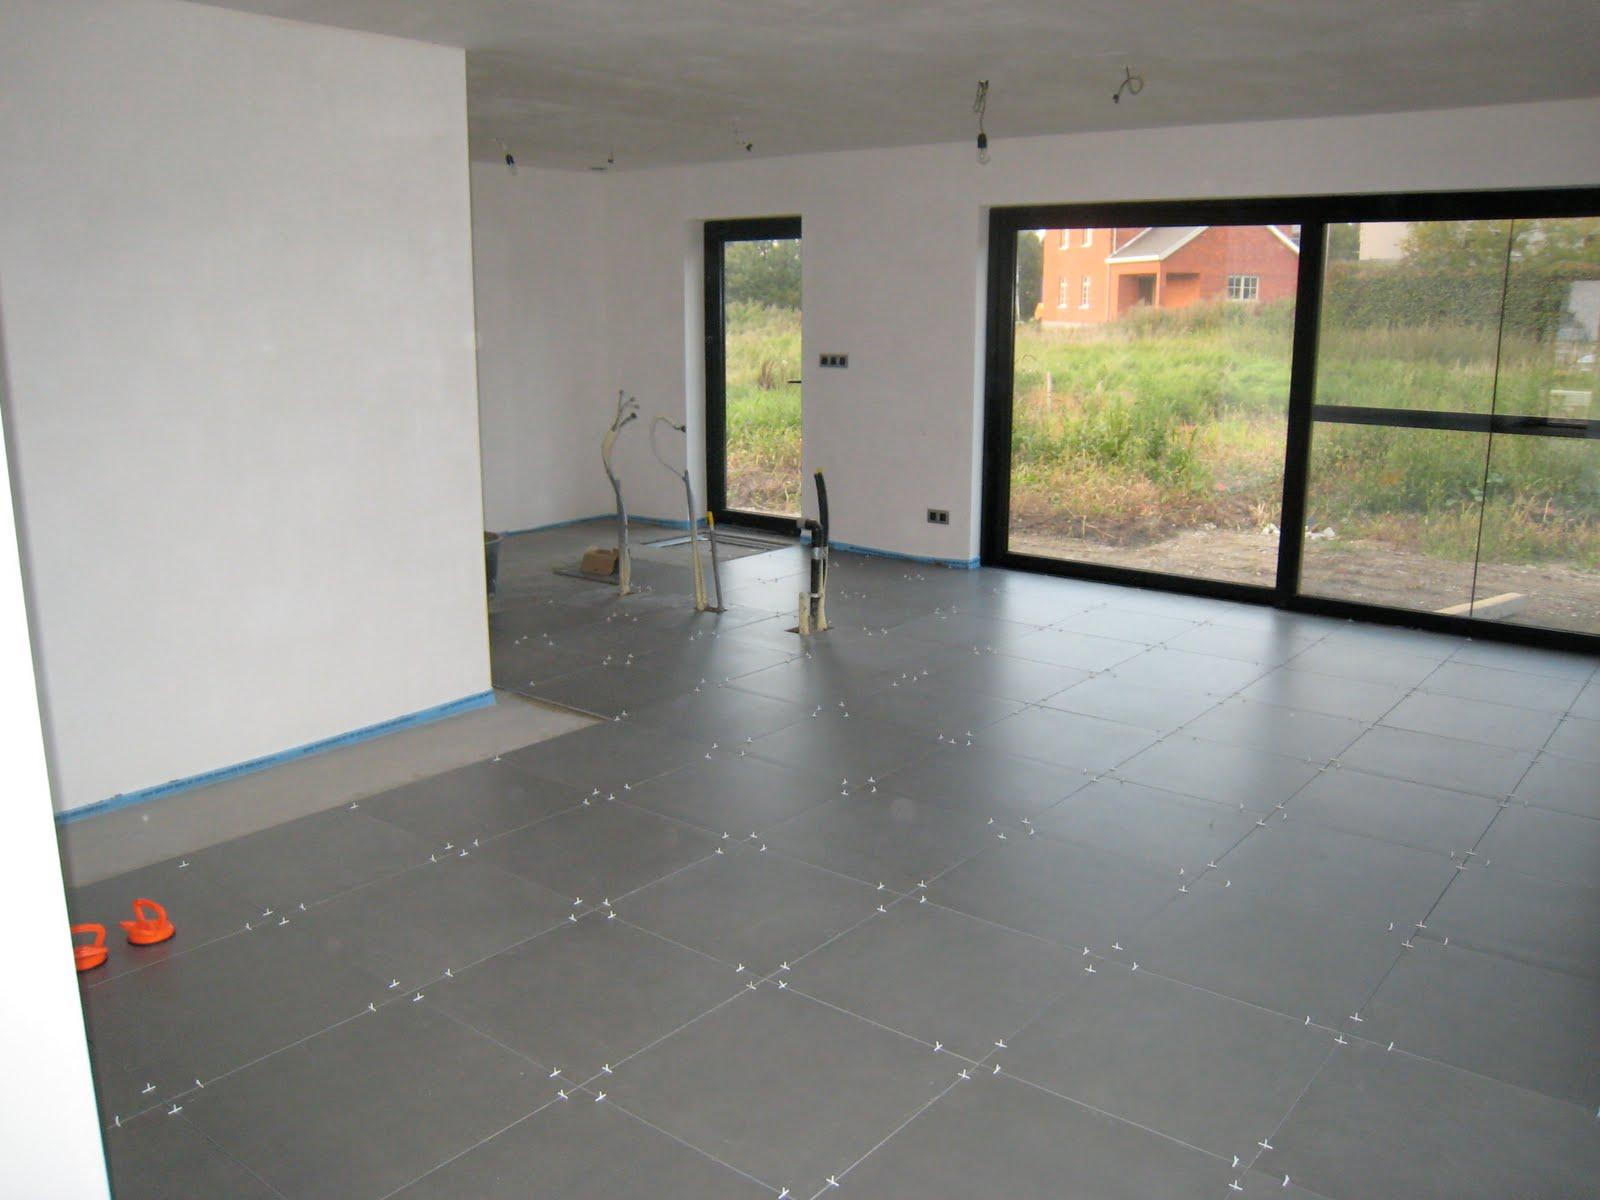 Ons toekomstige huis vloeren - Moderne betegelde vloer ...